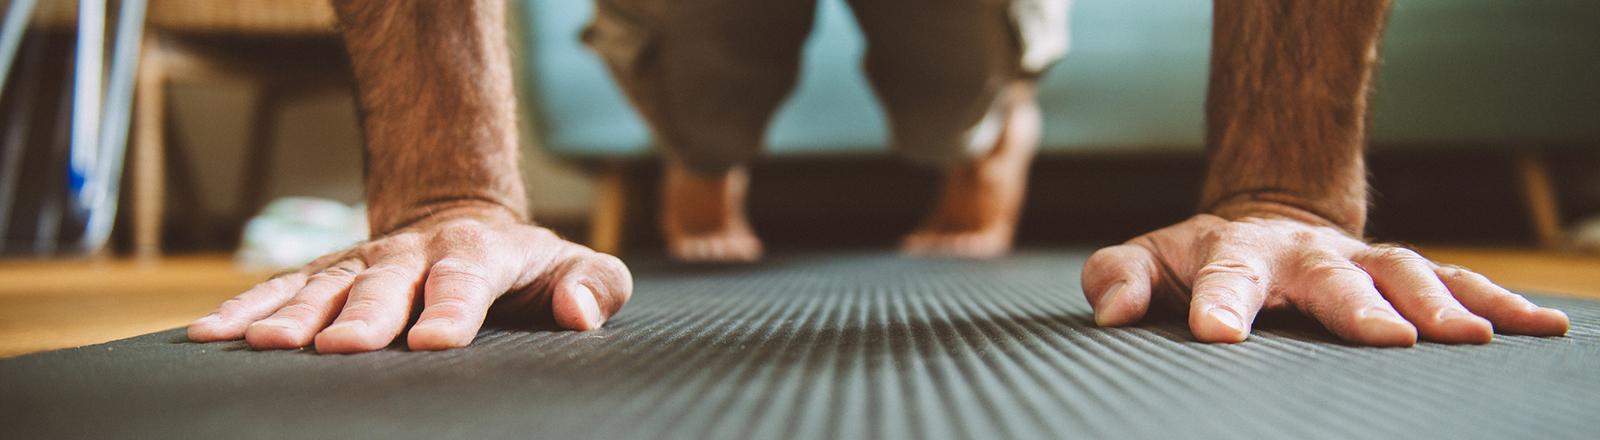 Ein Mann macht zu Hause auf einer Matte Liegestütze; man sieht nur seine Hände und seine Beine und Füße.